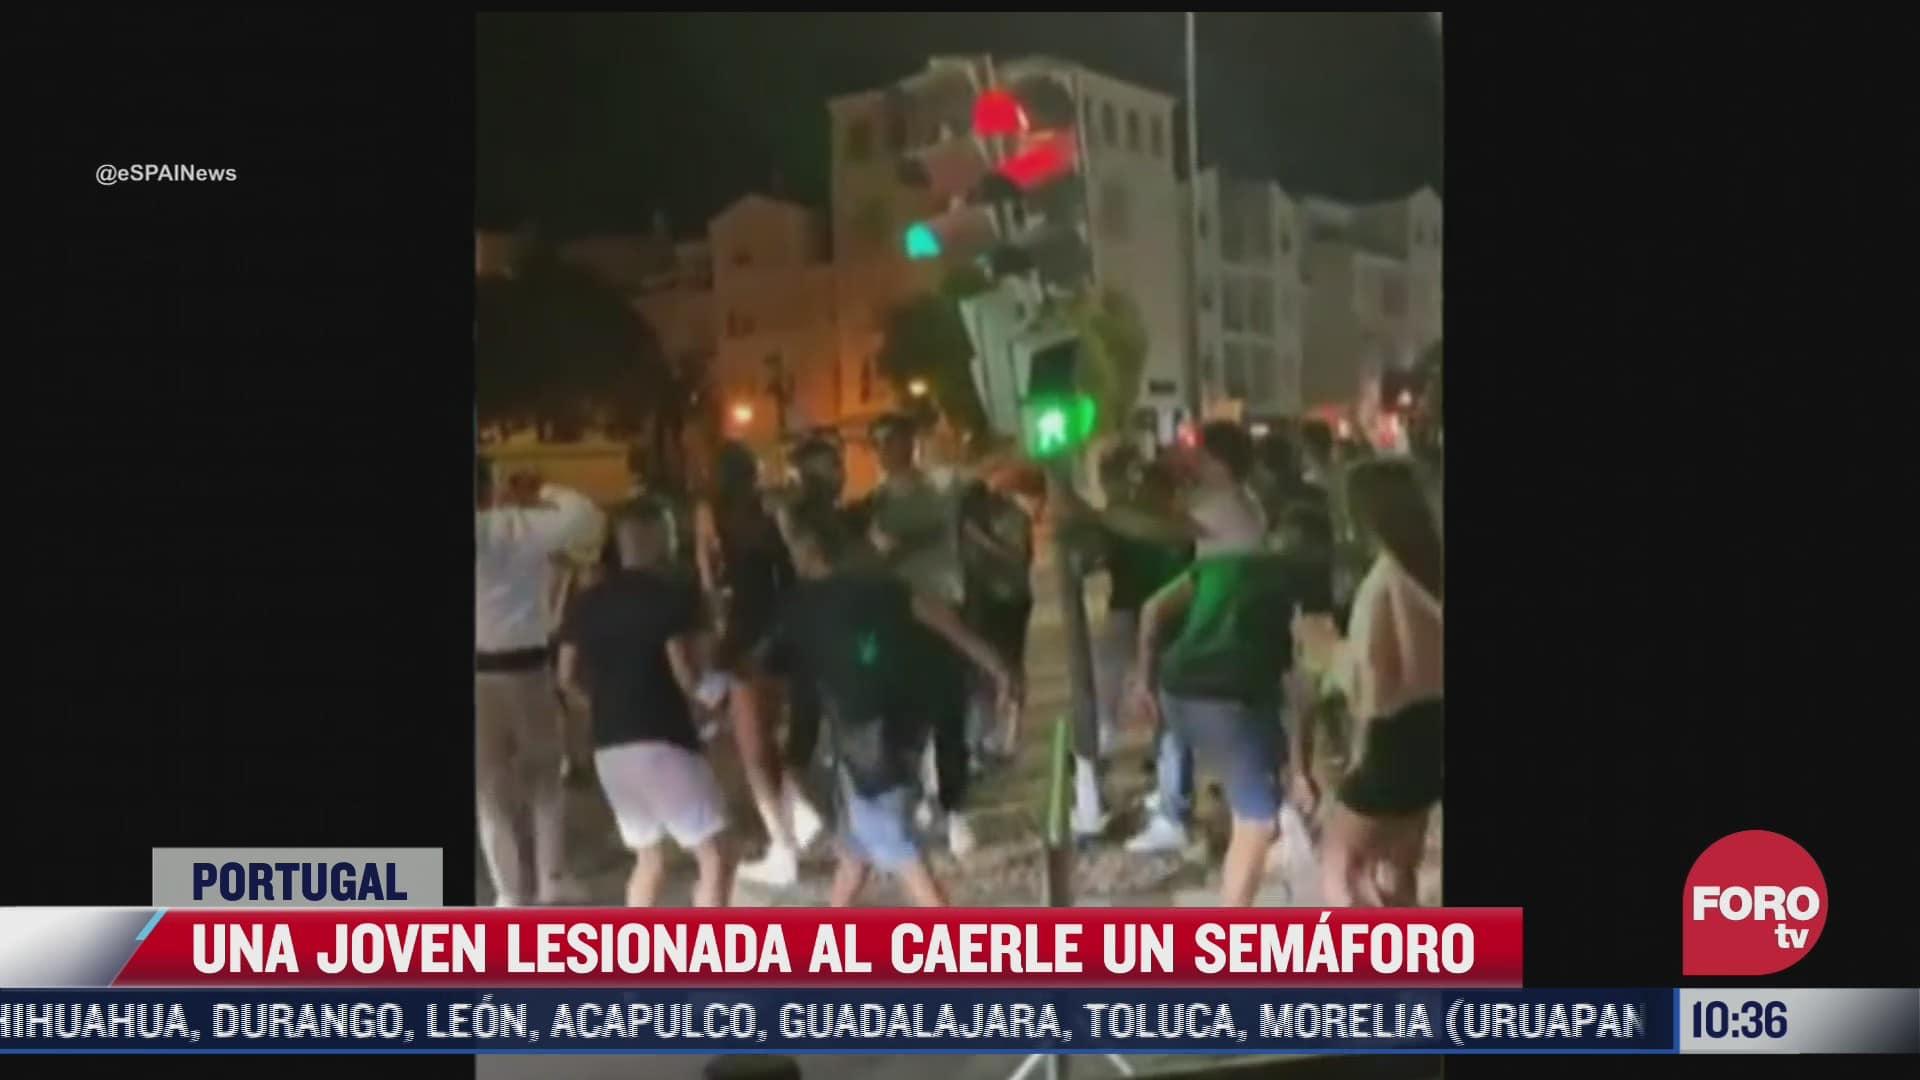 video joven resulta lesionada tras caerle un semaforo en portugal